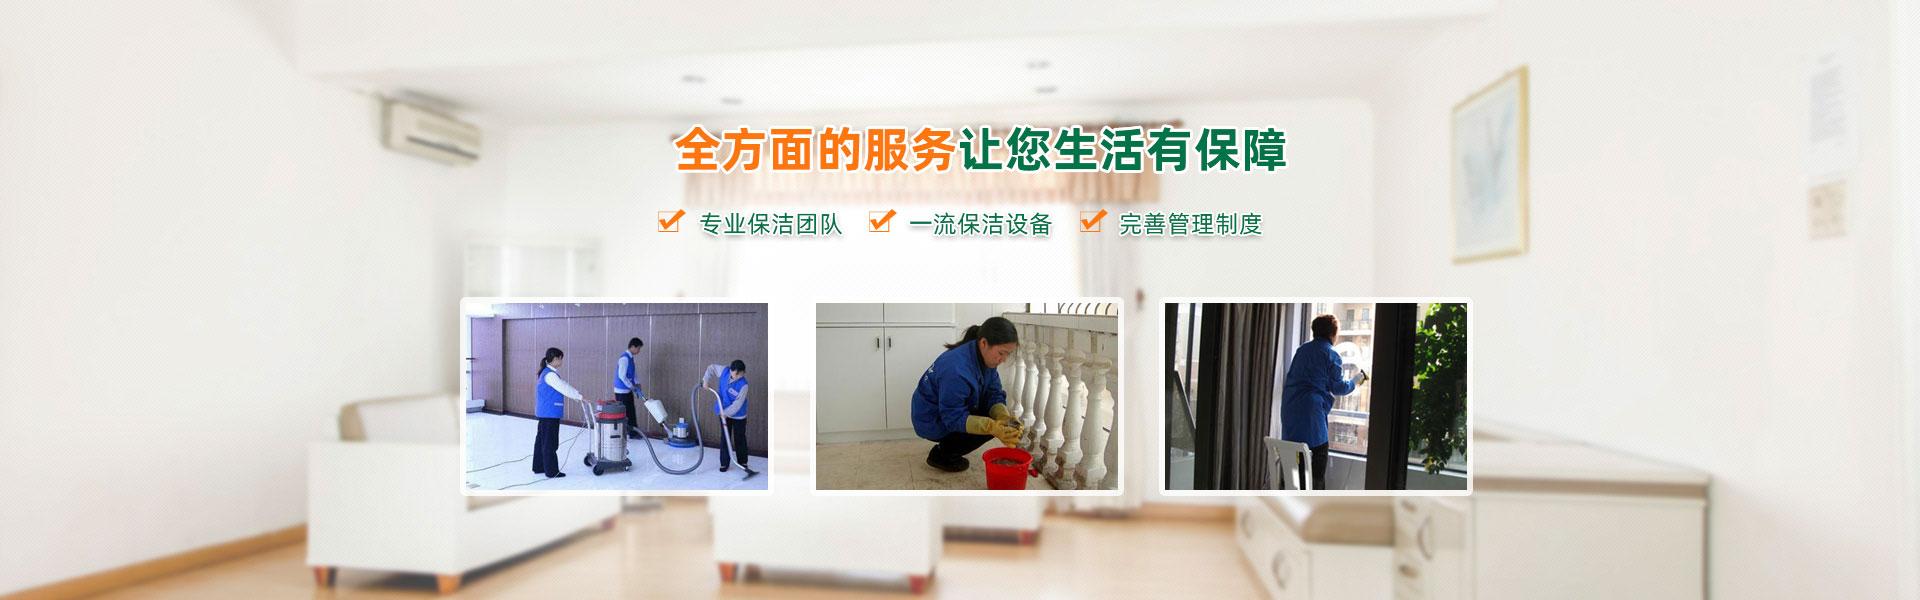 上海专业保洁公司